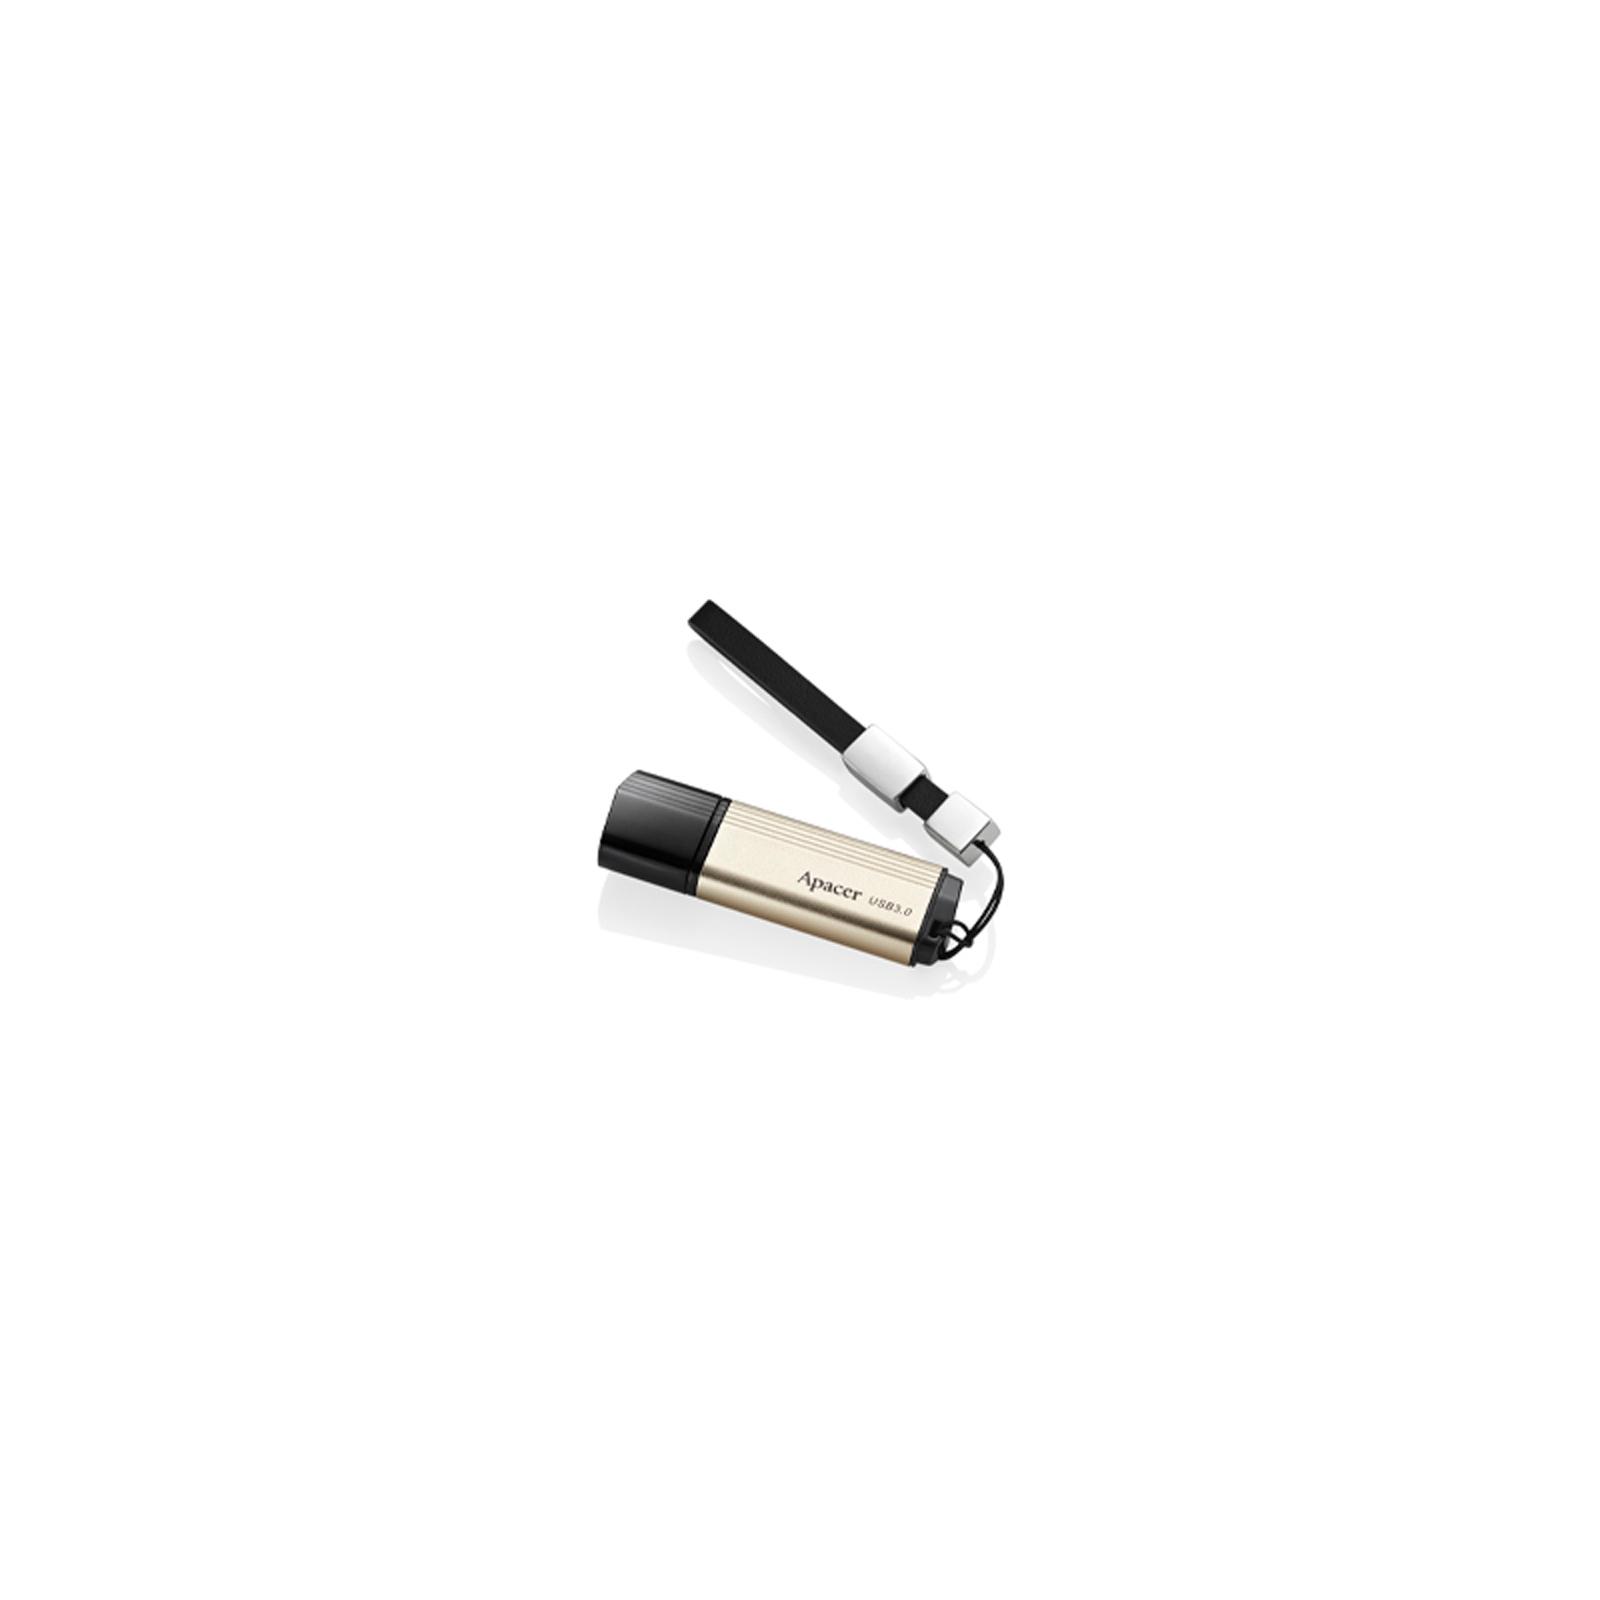 USB флеш накопитель 32GB AH353 Champagne Gold RP USB3.0 Apacer (AP32GAH353C-1) изображение 4